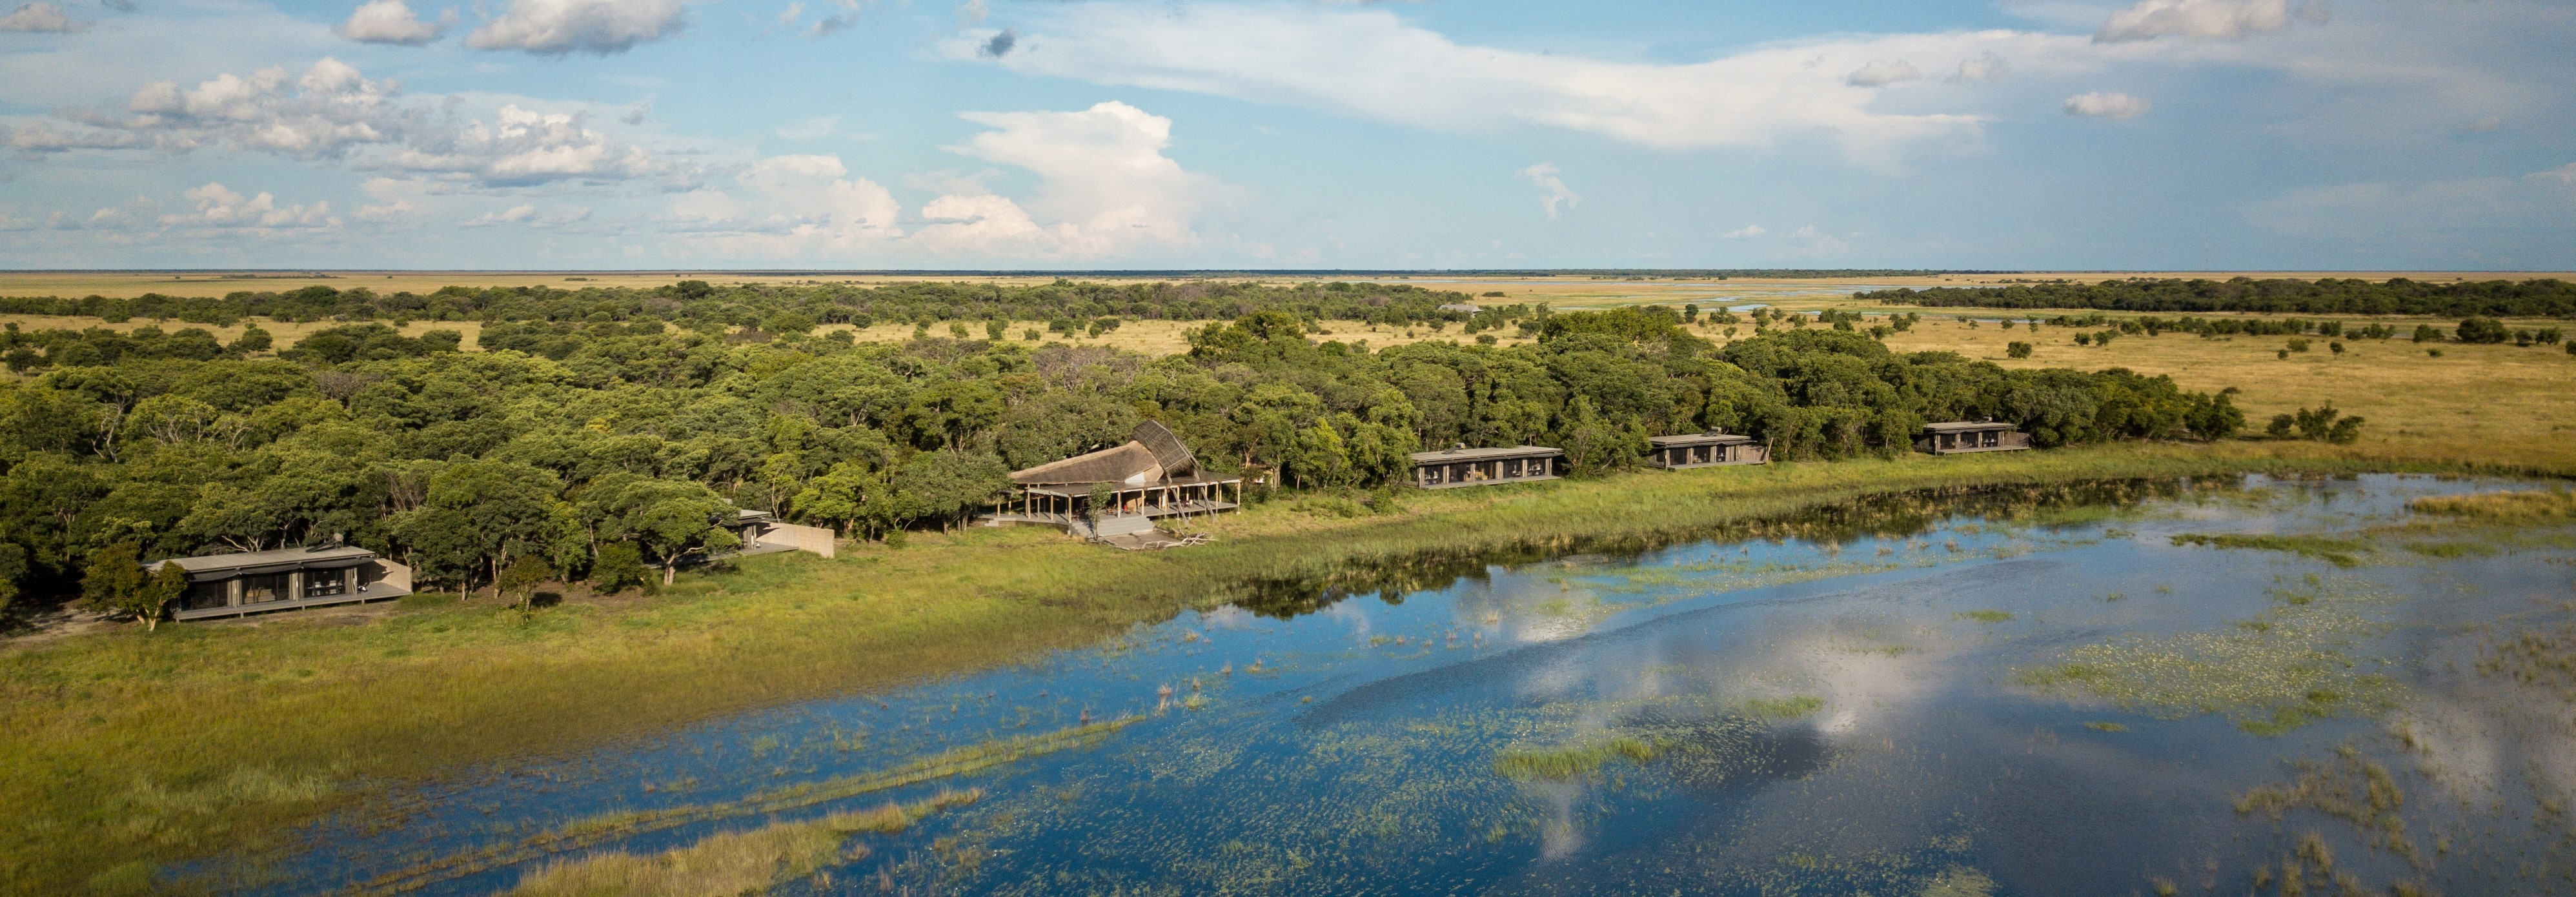 king-lewanika-lodge-liuwa-zambia